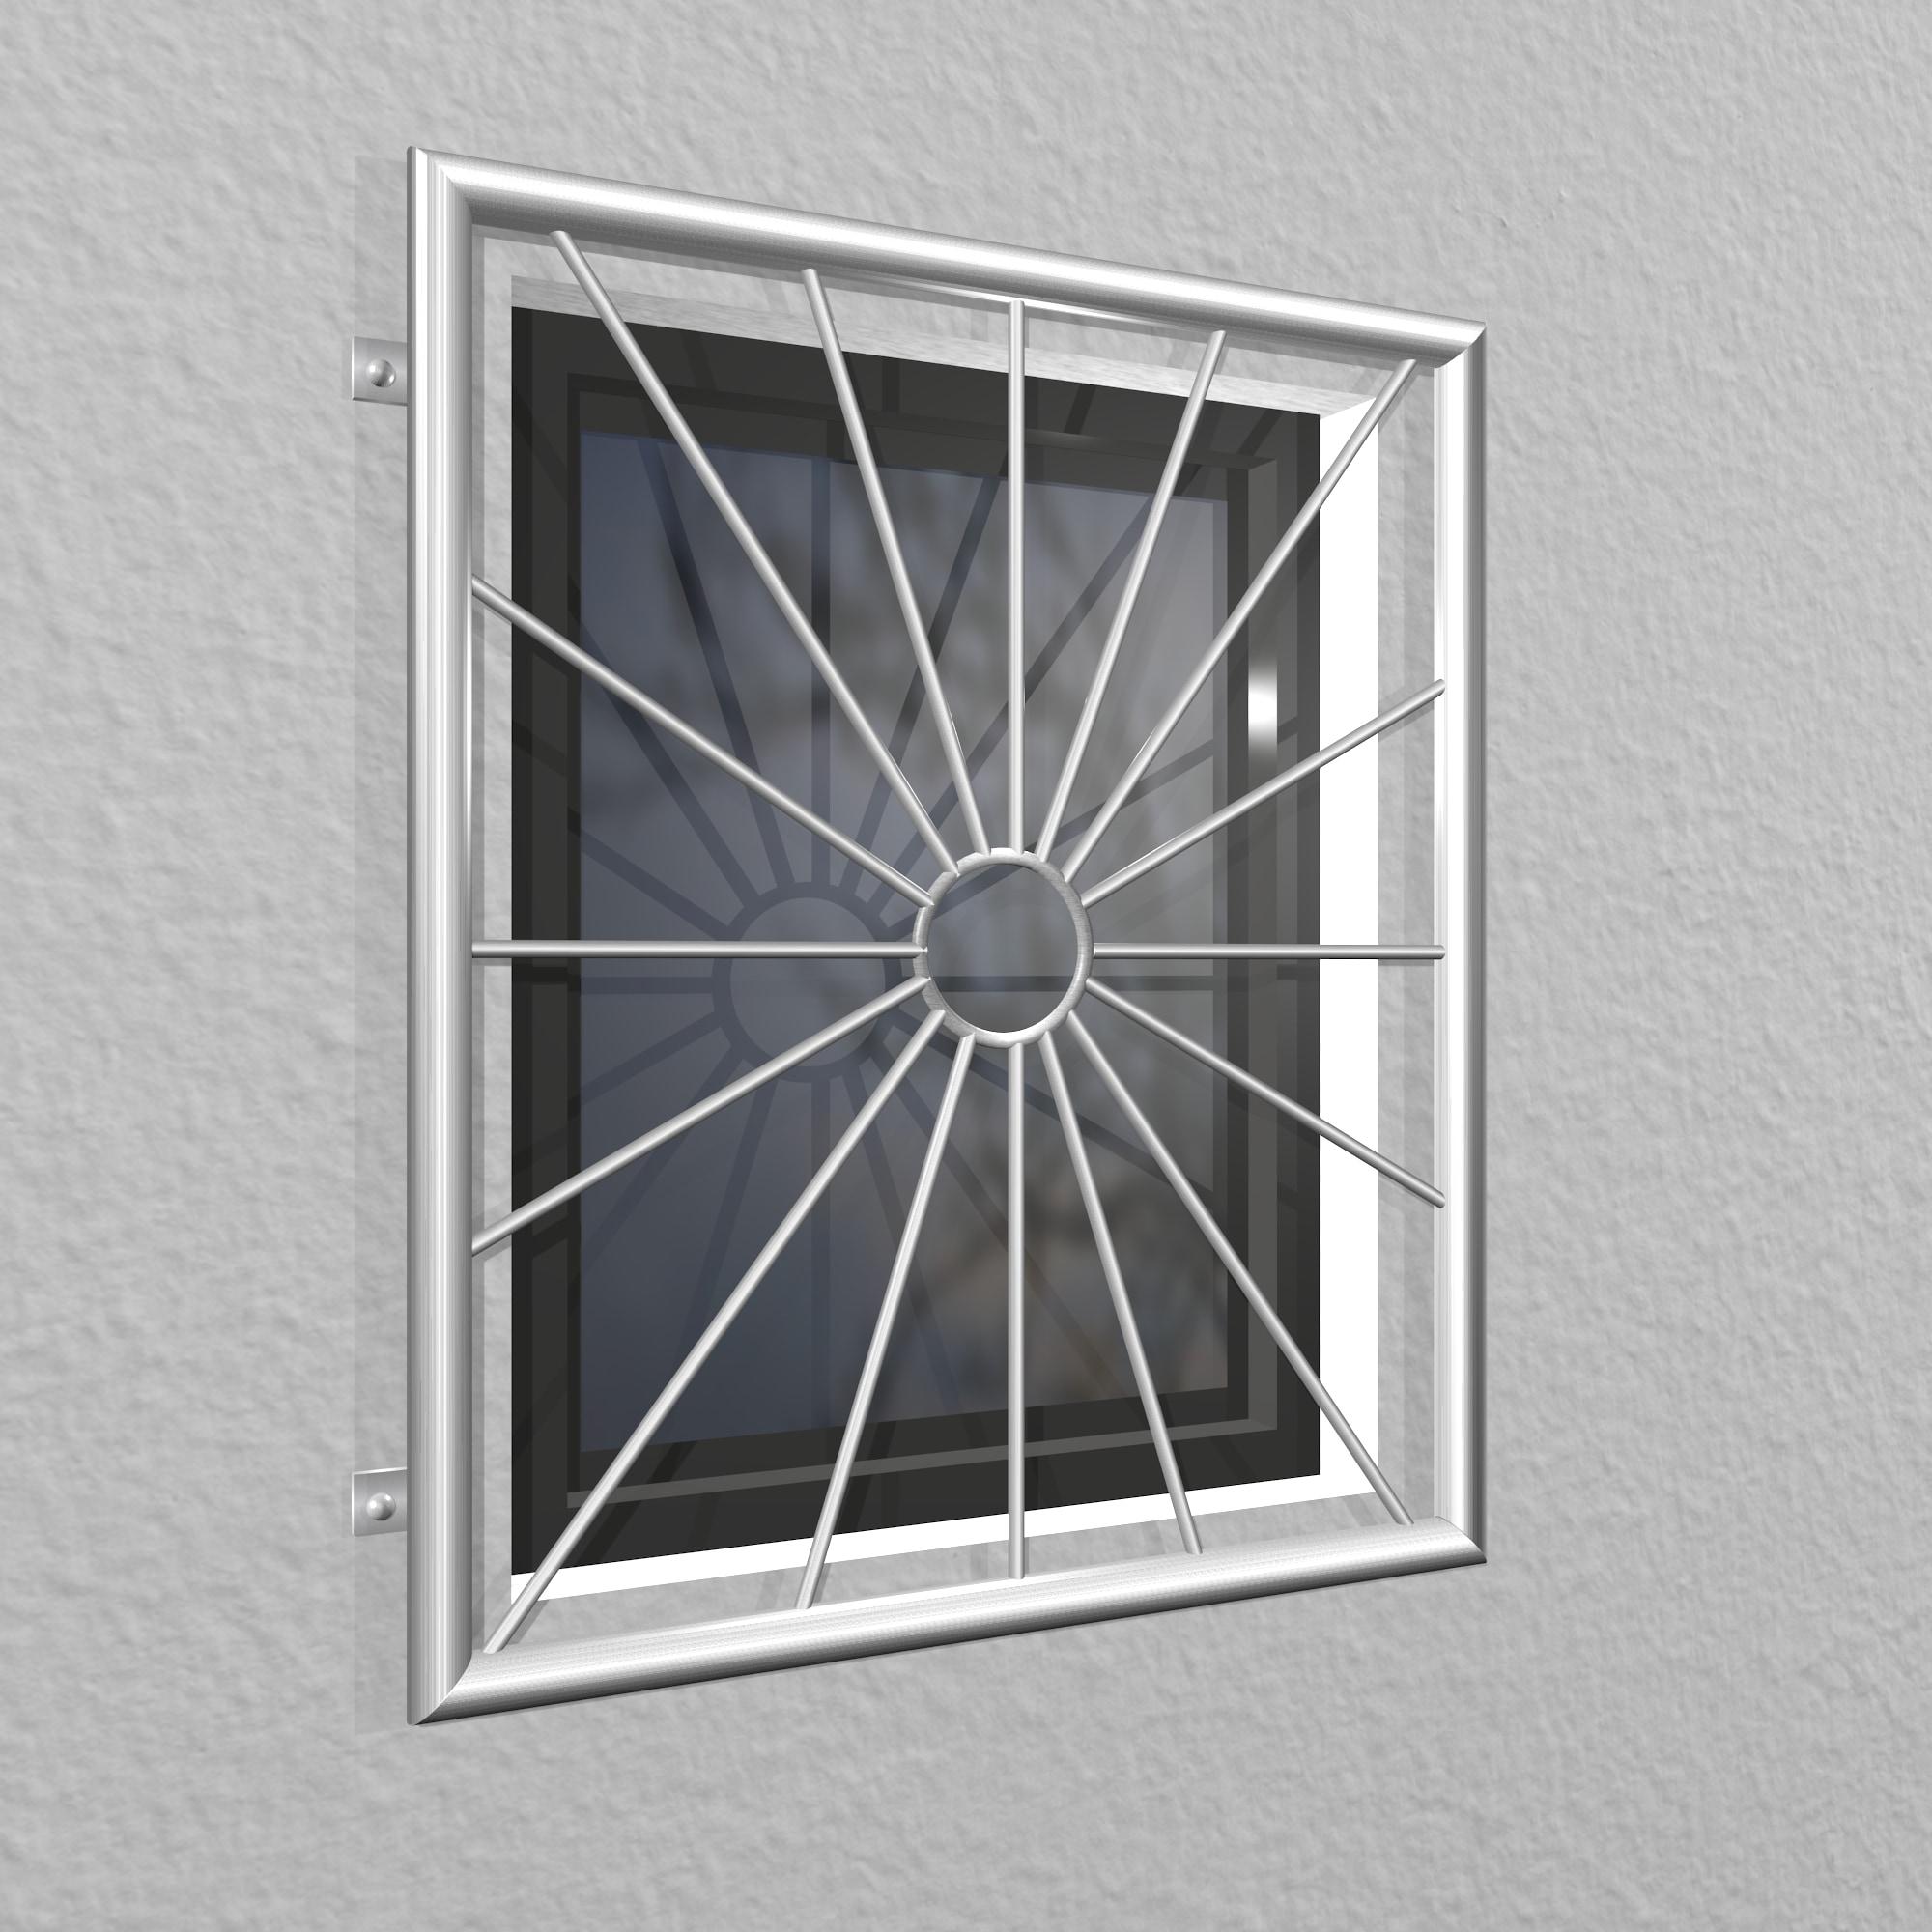 Fenstergitter Edelstahl Sonne Kreis